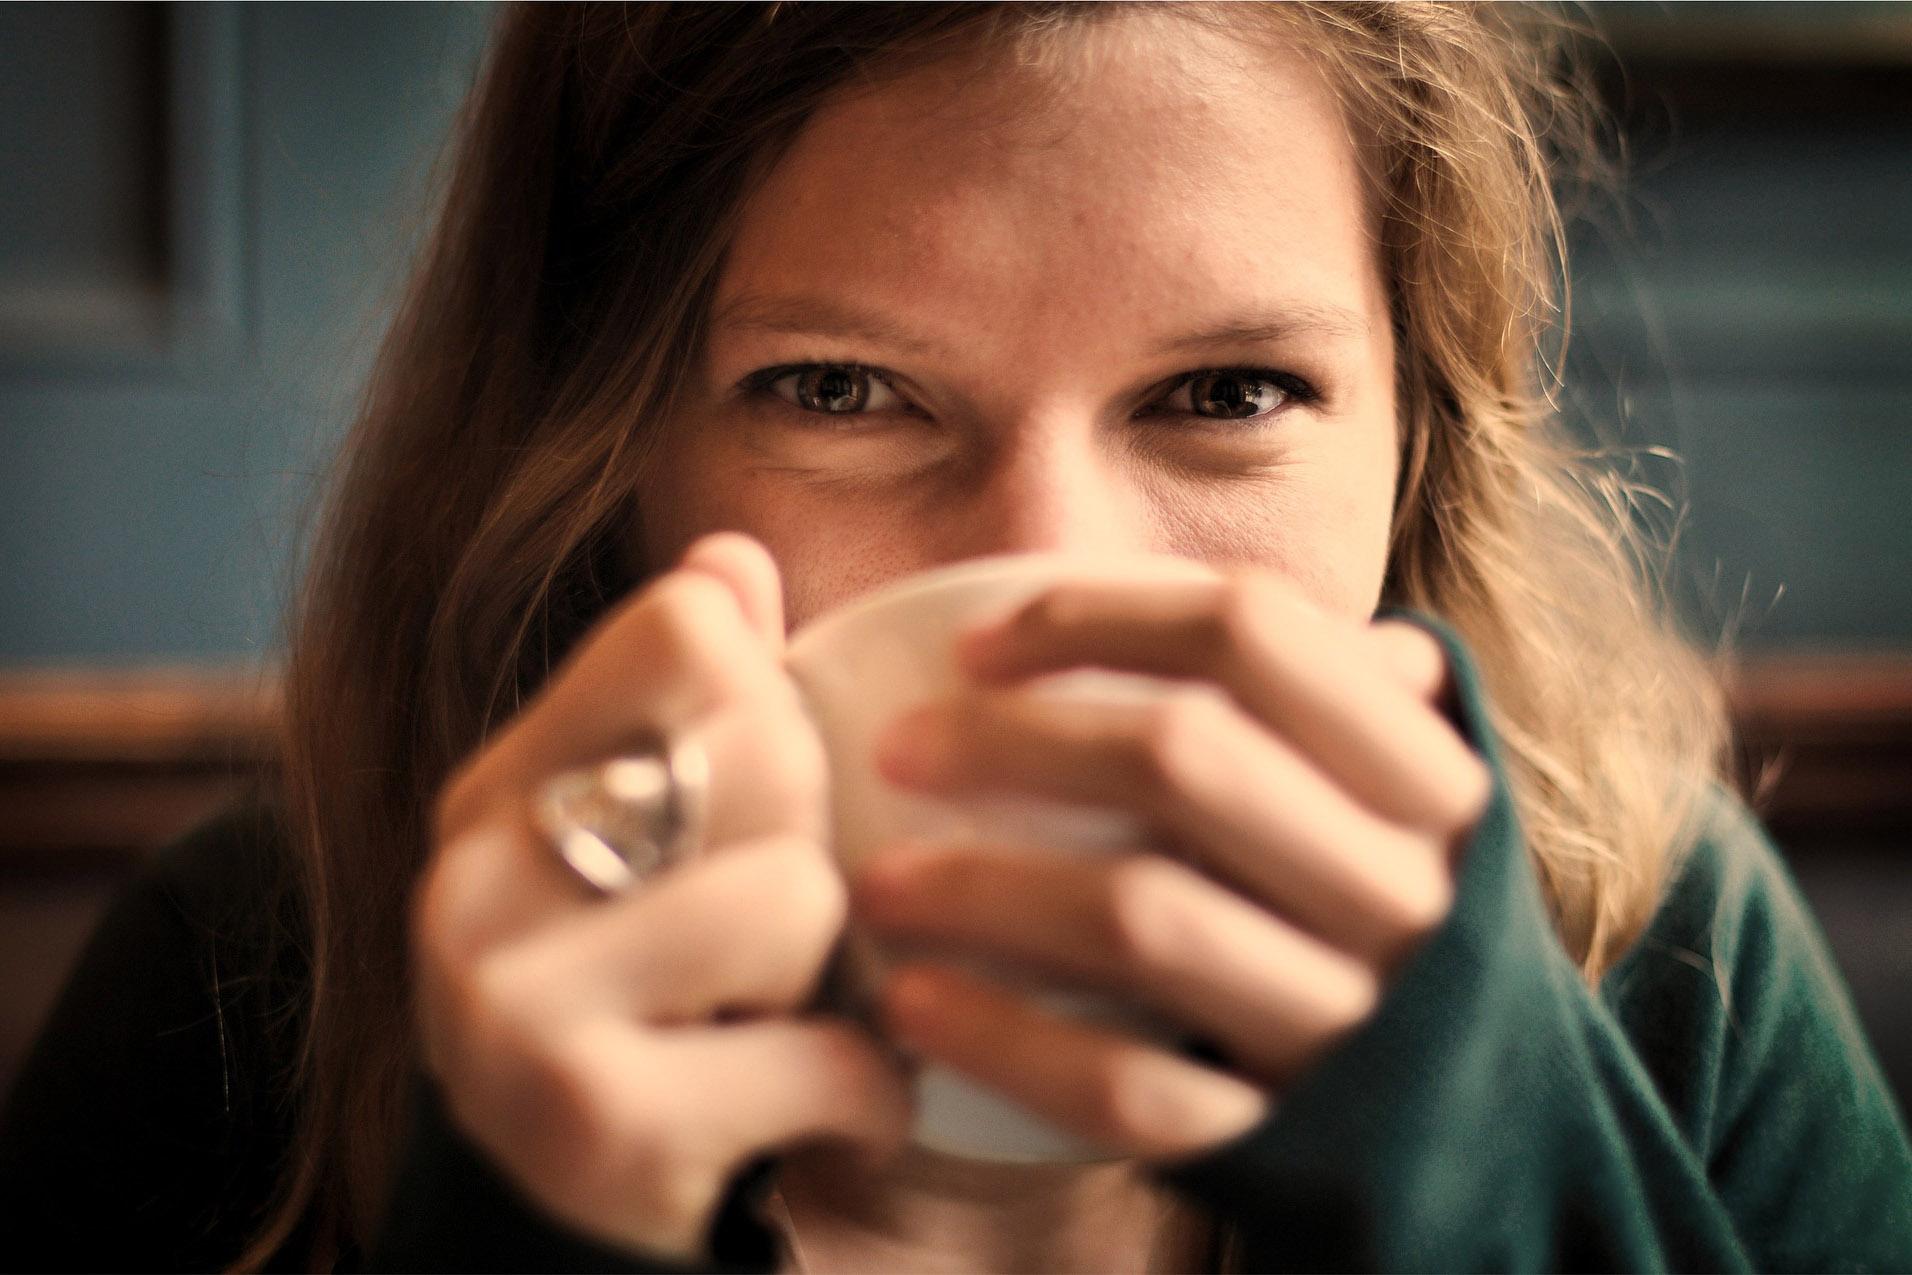 上班族喝茶好还是喝咖啡好?